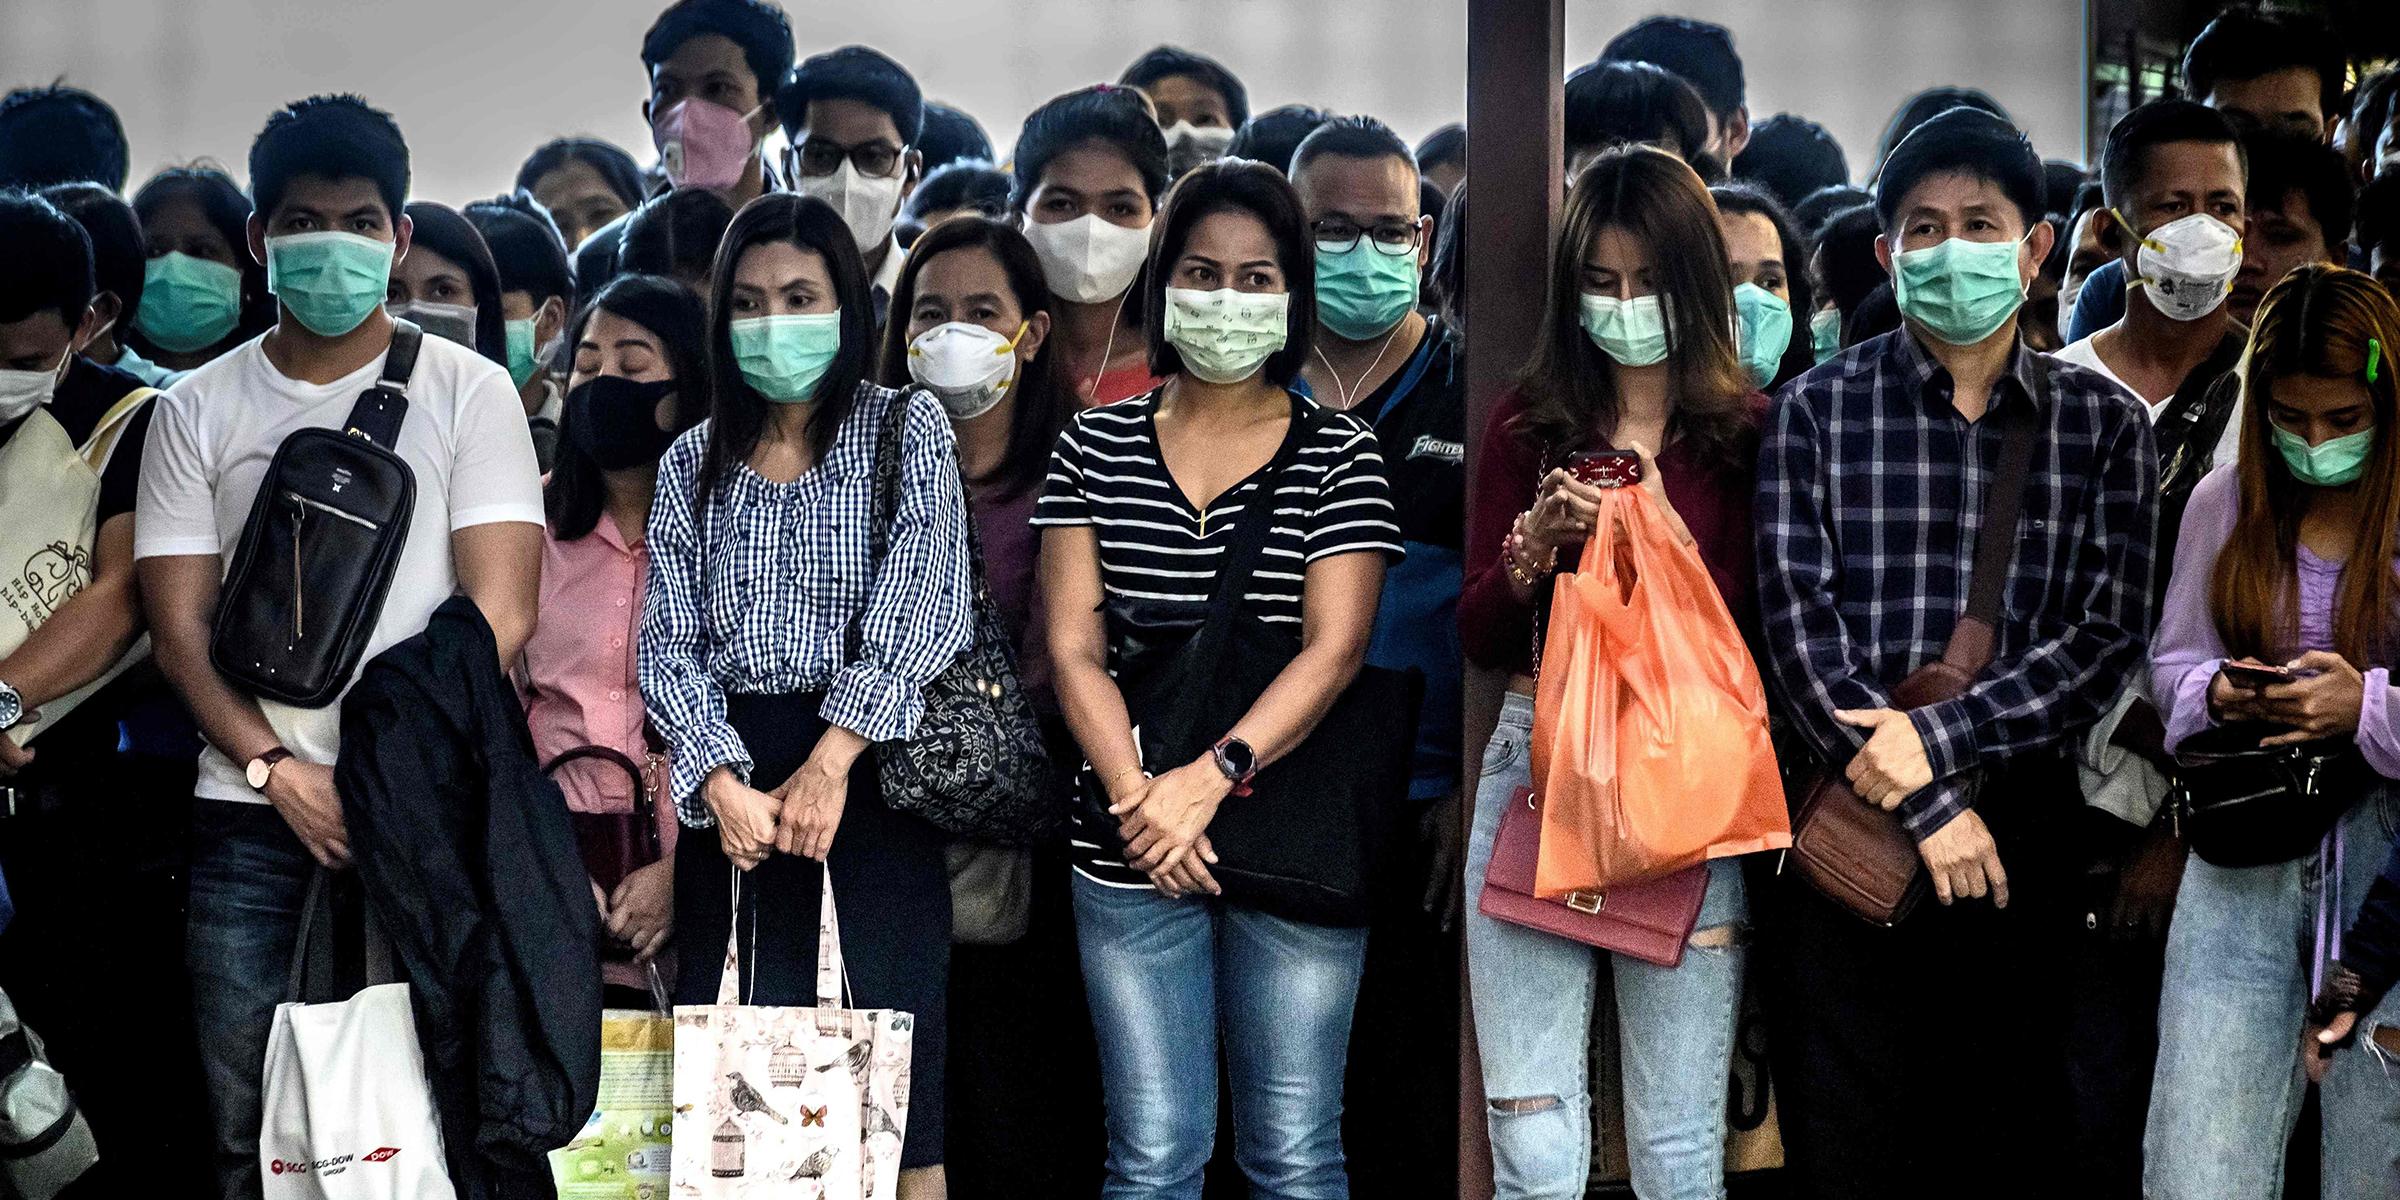 Κορωνοϊός Μάσκες: Ανοιχτό το ενδεχόμενο καθολικής χρήσης μάσκας και lockdown